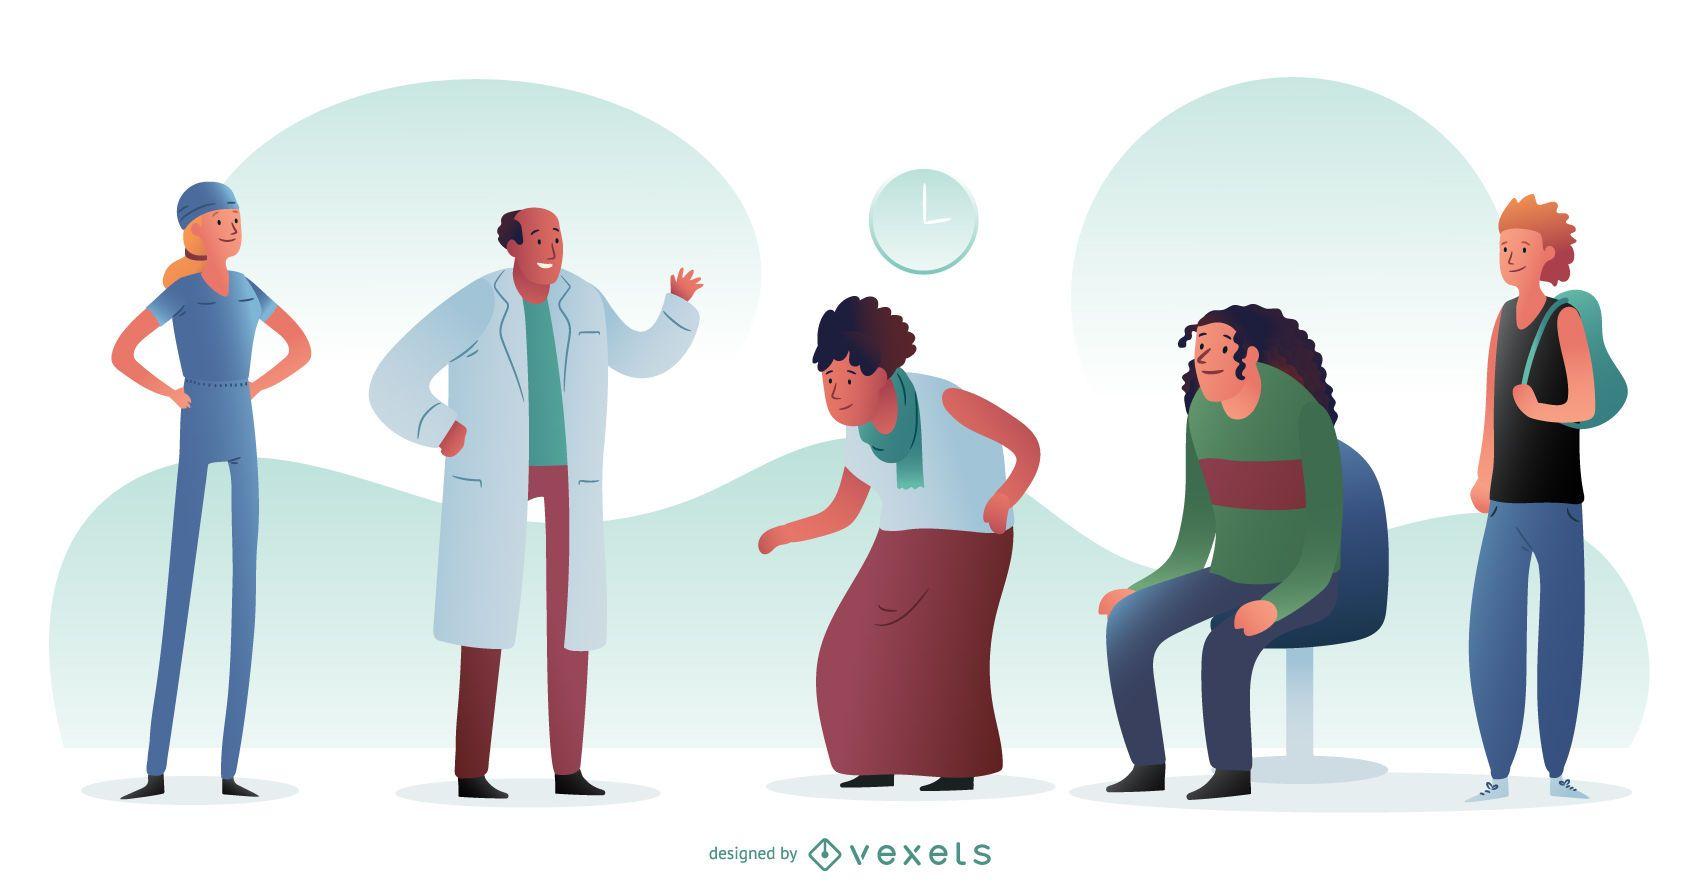 Diseño gráfico de médicos y pacientes del hospital